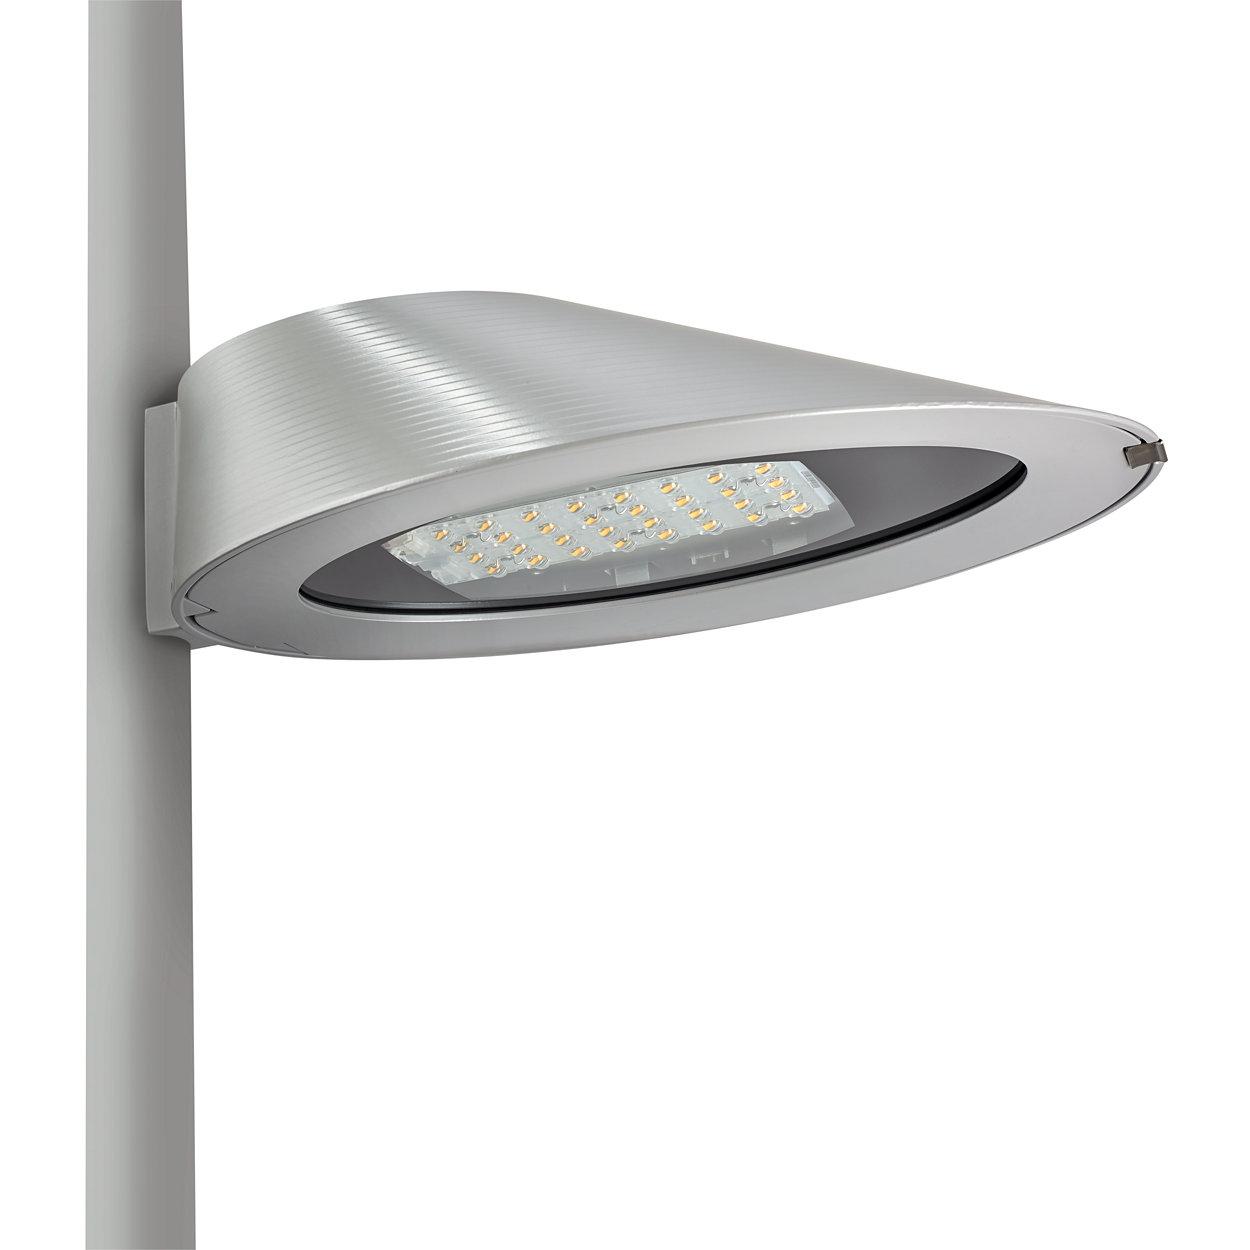 Philips Ocean Road LED – discrete elegantie en vloeiende lijnen vormen de hedendaagse stedelijke omgevingen.